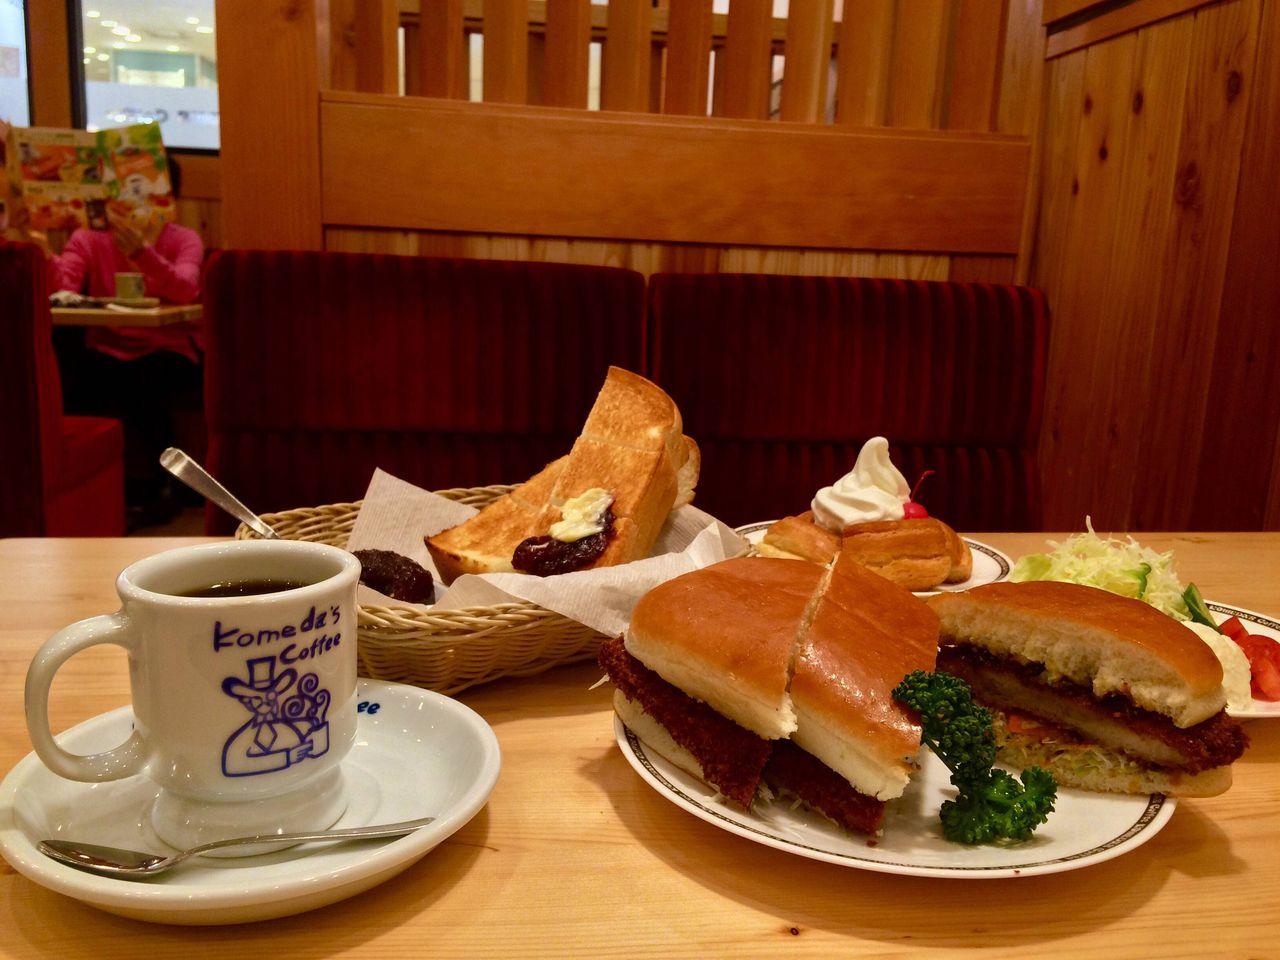 「コメダ珈琲」が狙う次の市場はパン 店内設置の石窯で焼く自家製パンを売りにする「石窯パン工房アデモック」を10月に沖縄県に出店